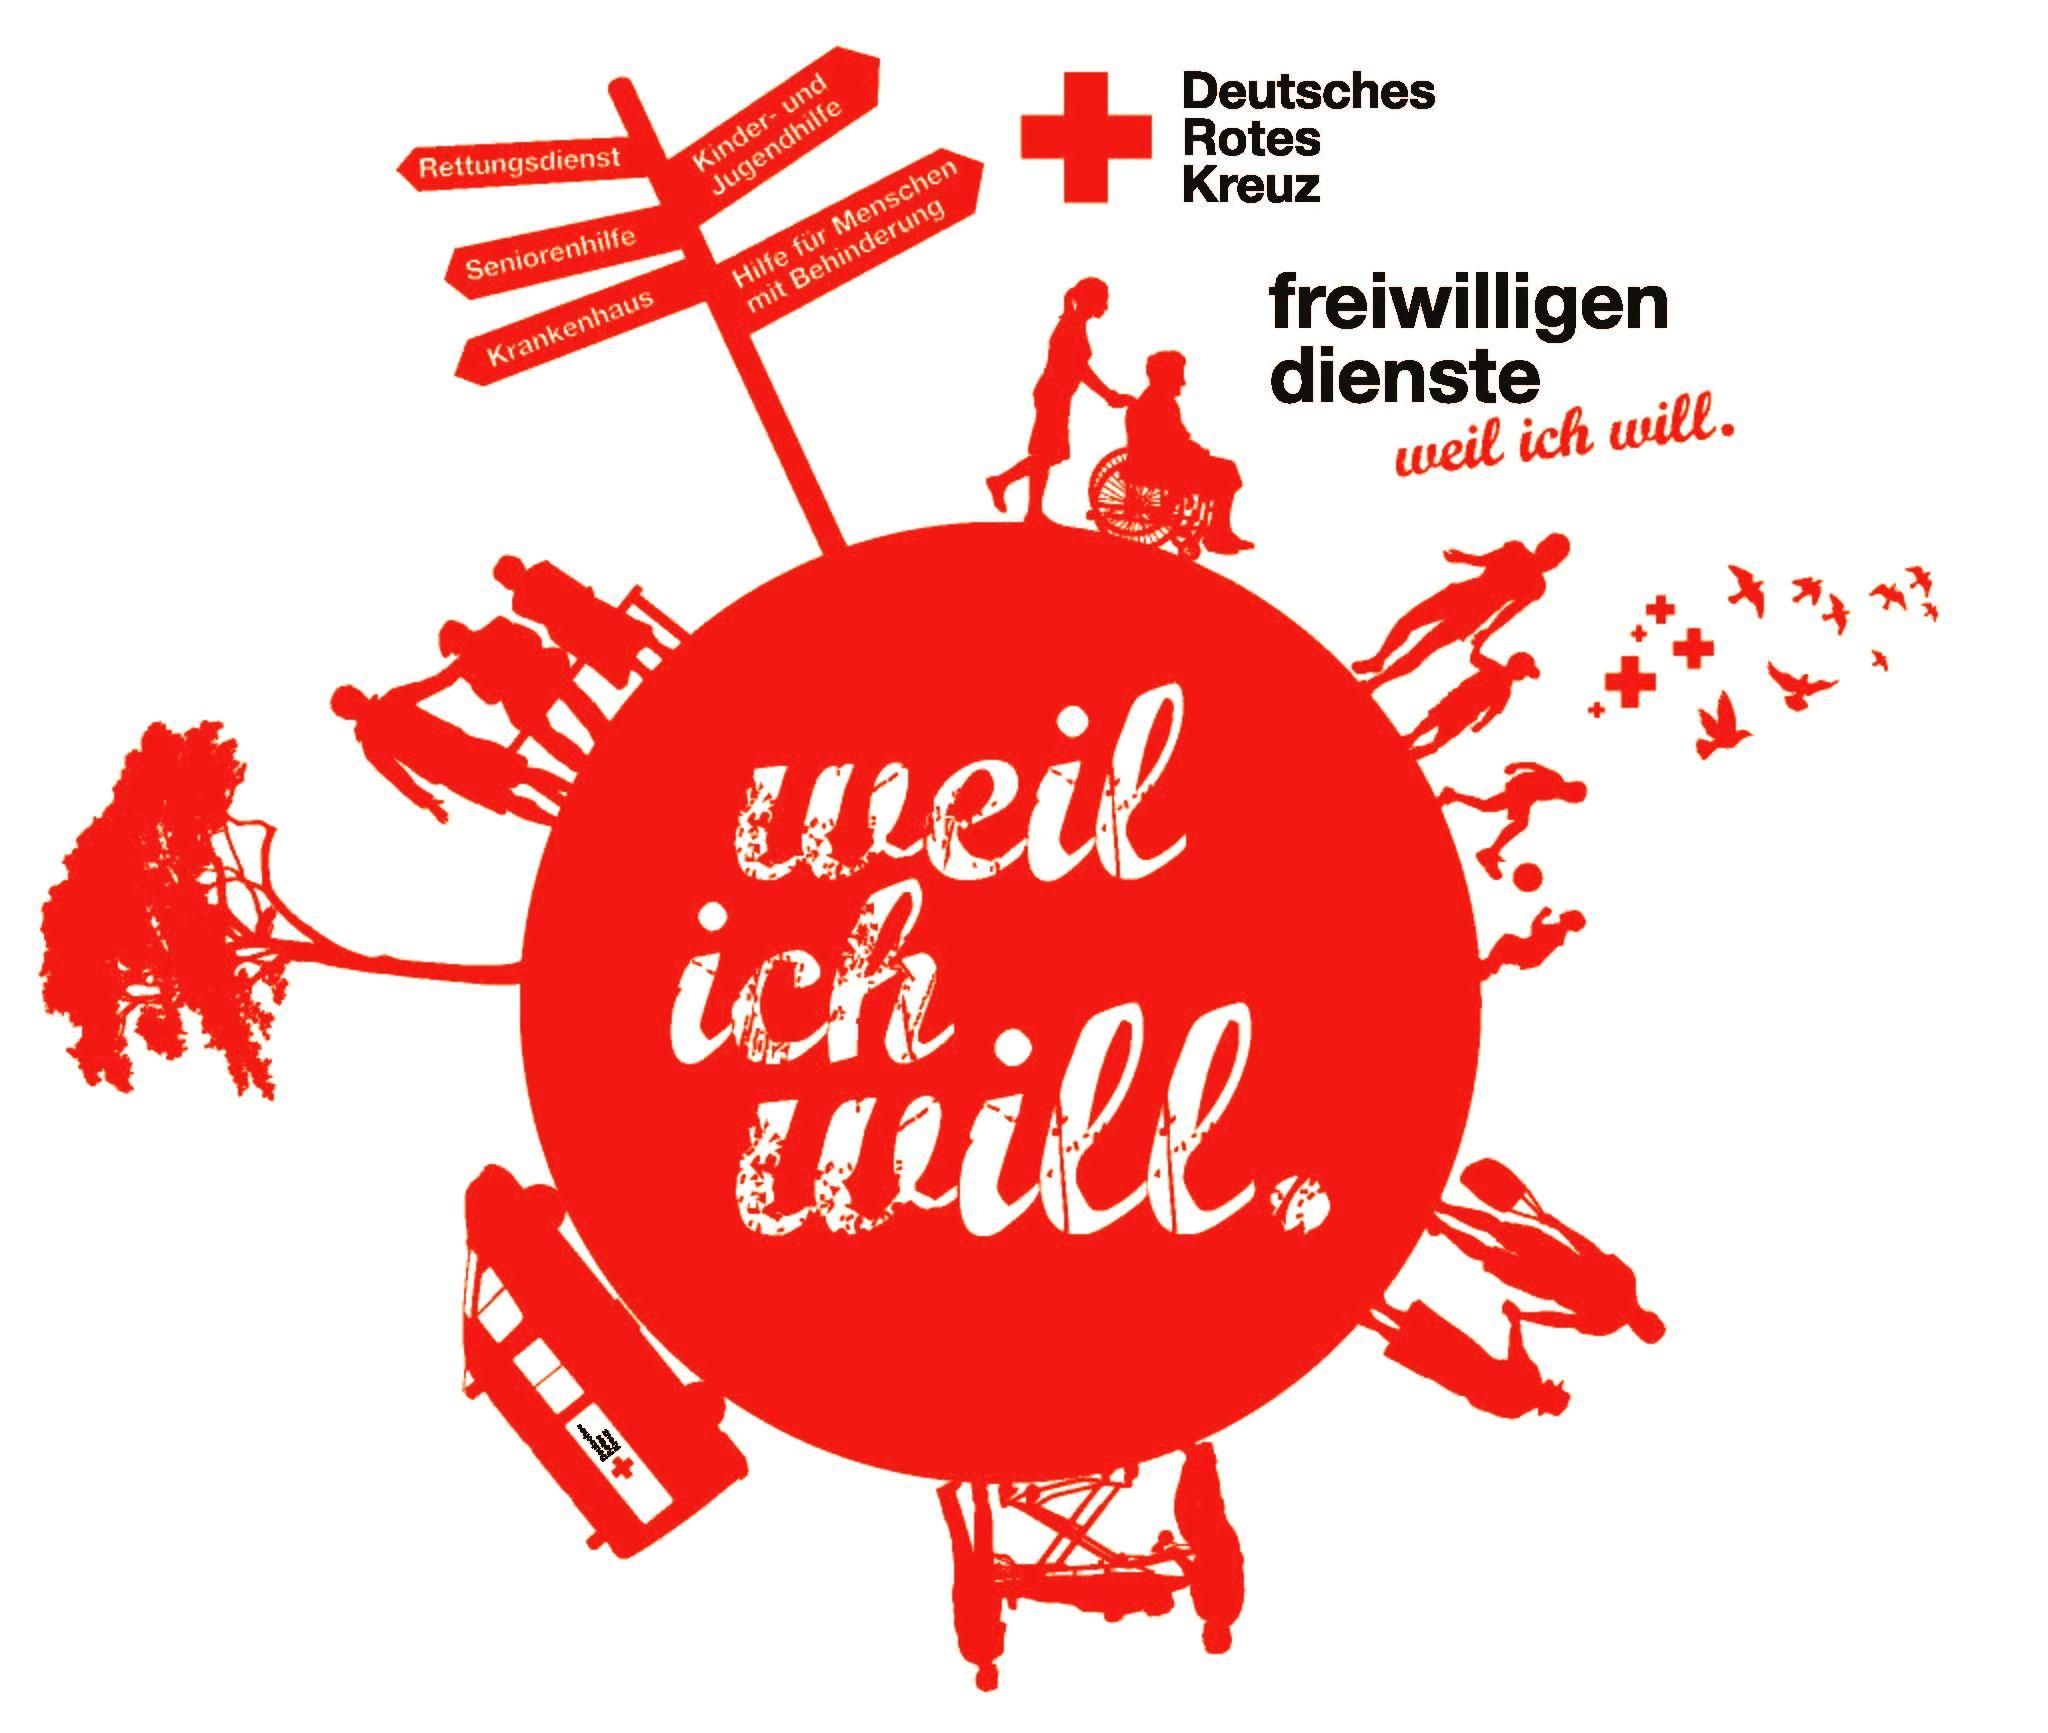 Deutsches Rotes Kreuz - Freiwilligendienste